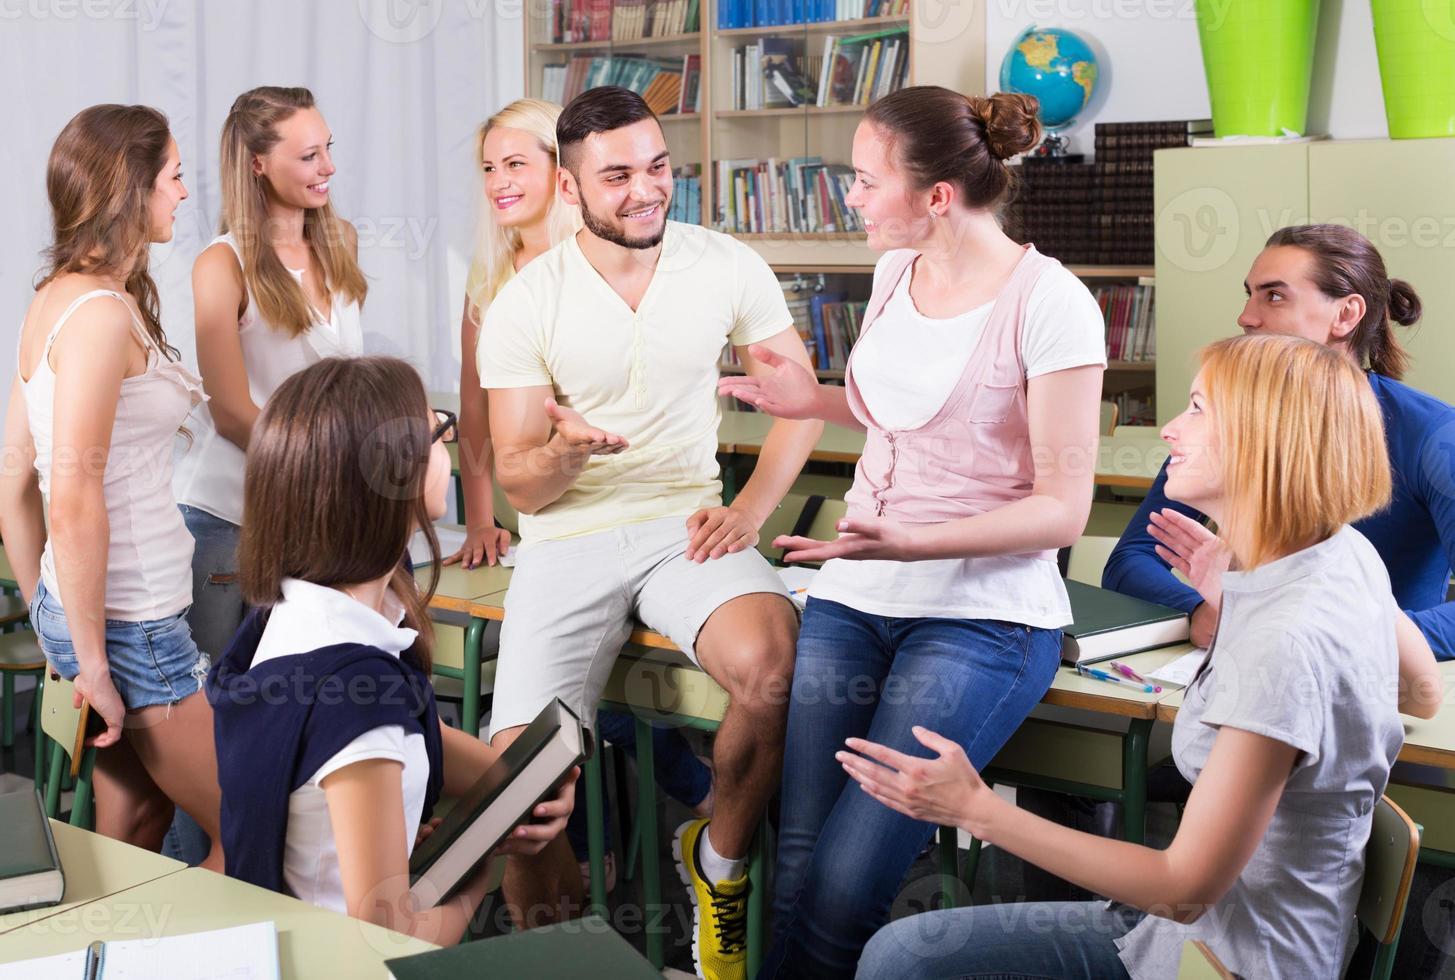 leerlingengesprek in de klas foto